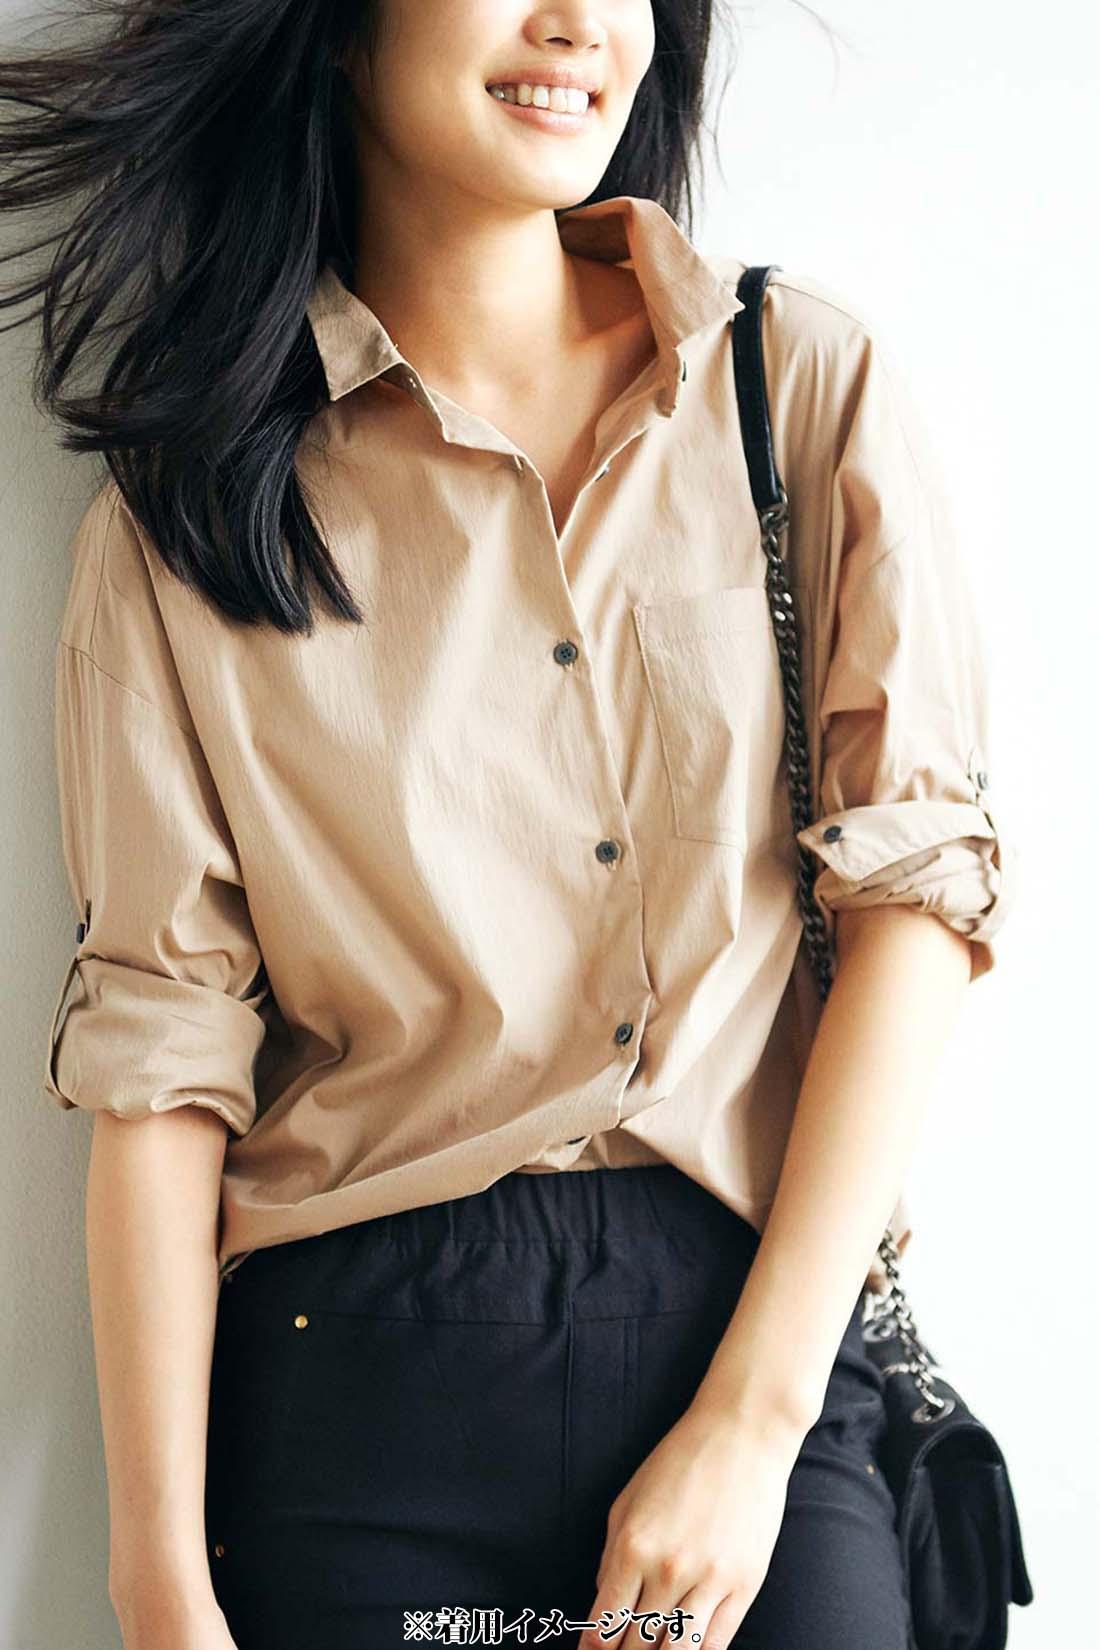 これは参考画像です。広めの衿ぐりだから、ボタンを開けたシャツスタイルだって平気。